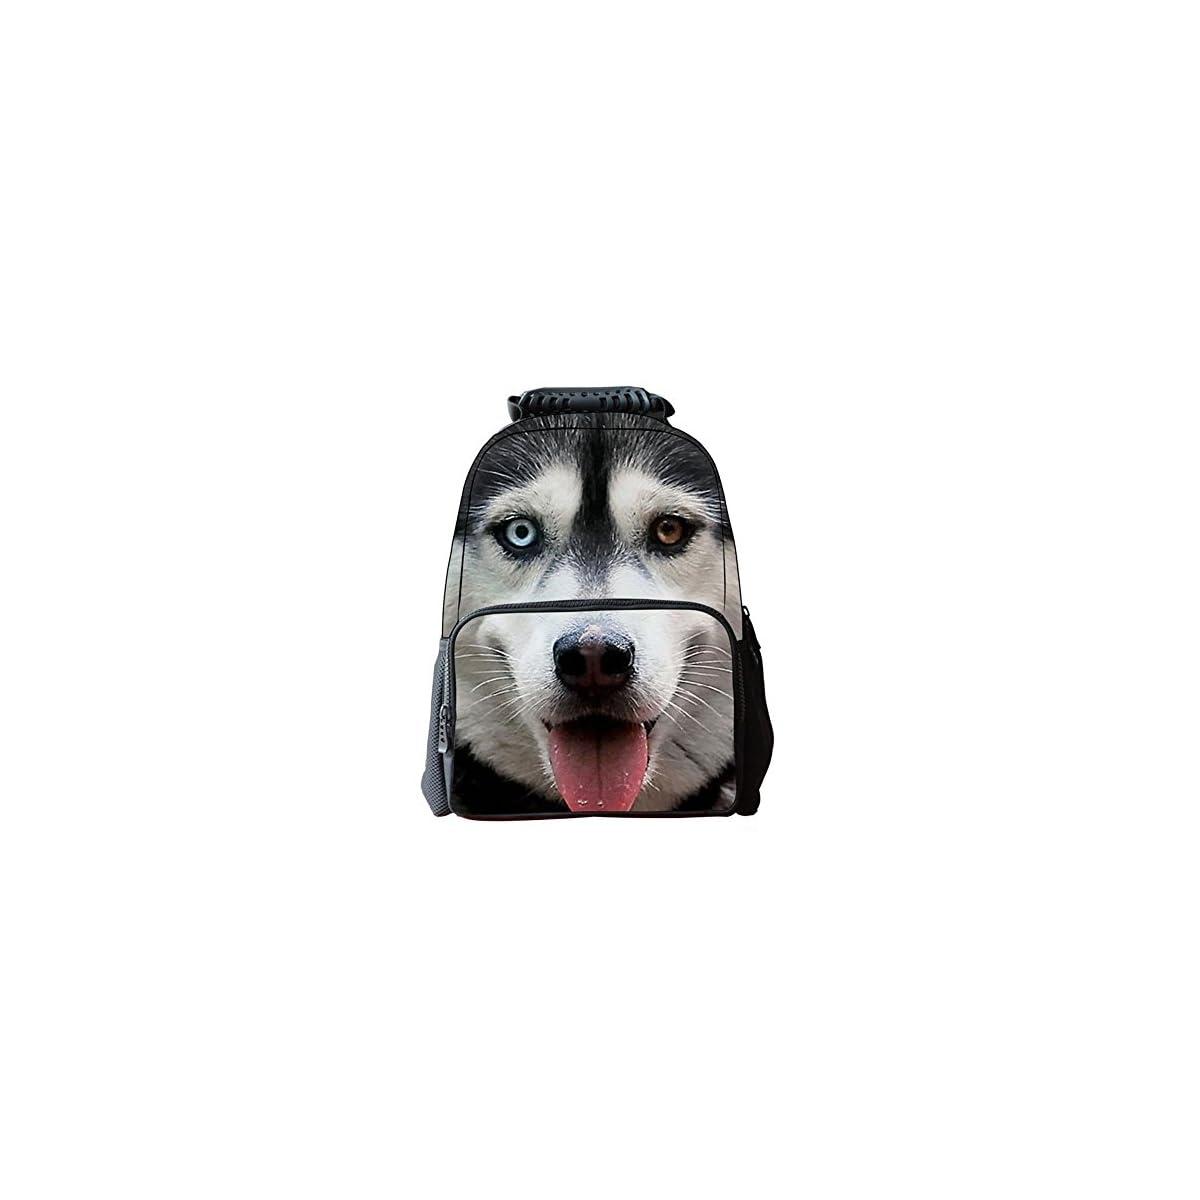 51S5lGHHSEL. SS1200  - Unisexo Bolsas Escolar Animal Print 3D Tela de Fieltro Mochilas de Senderismo